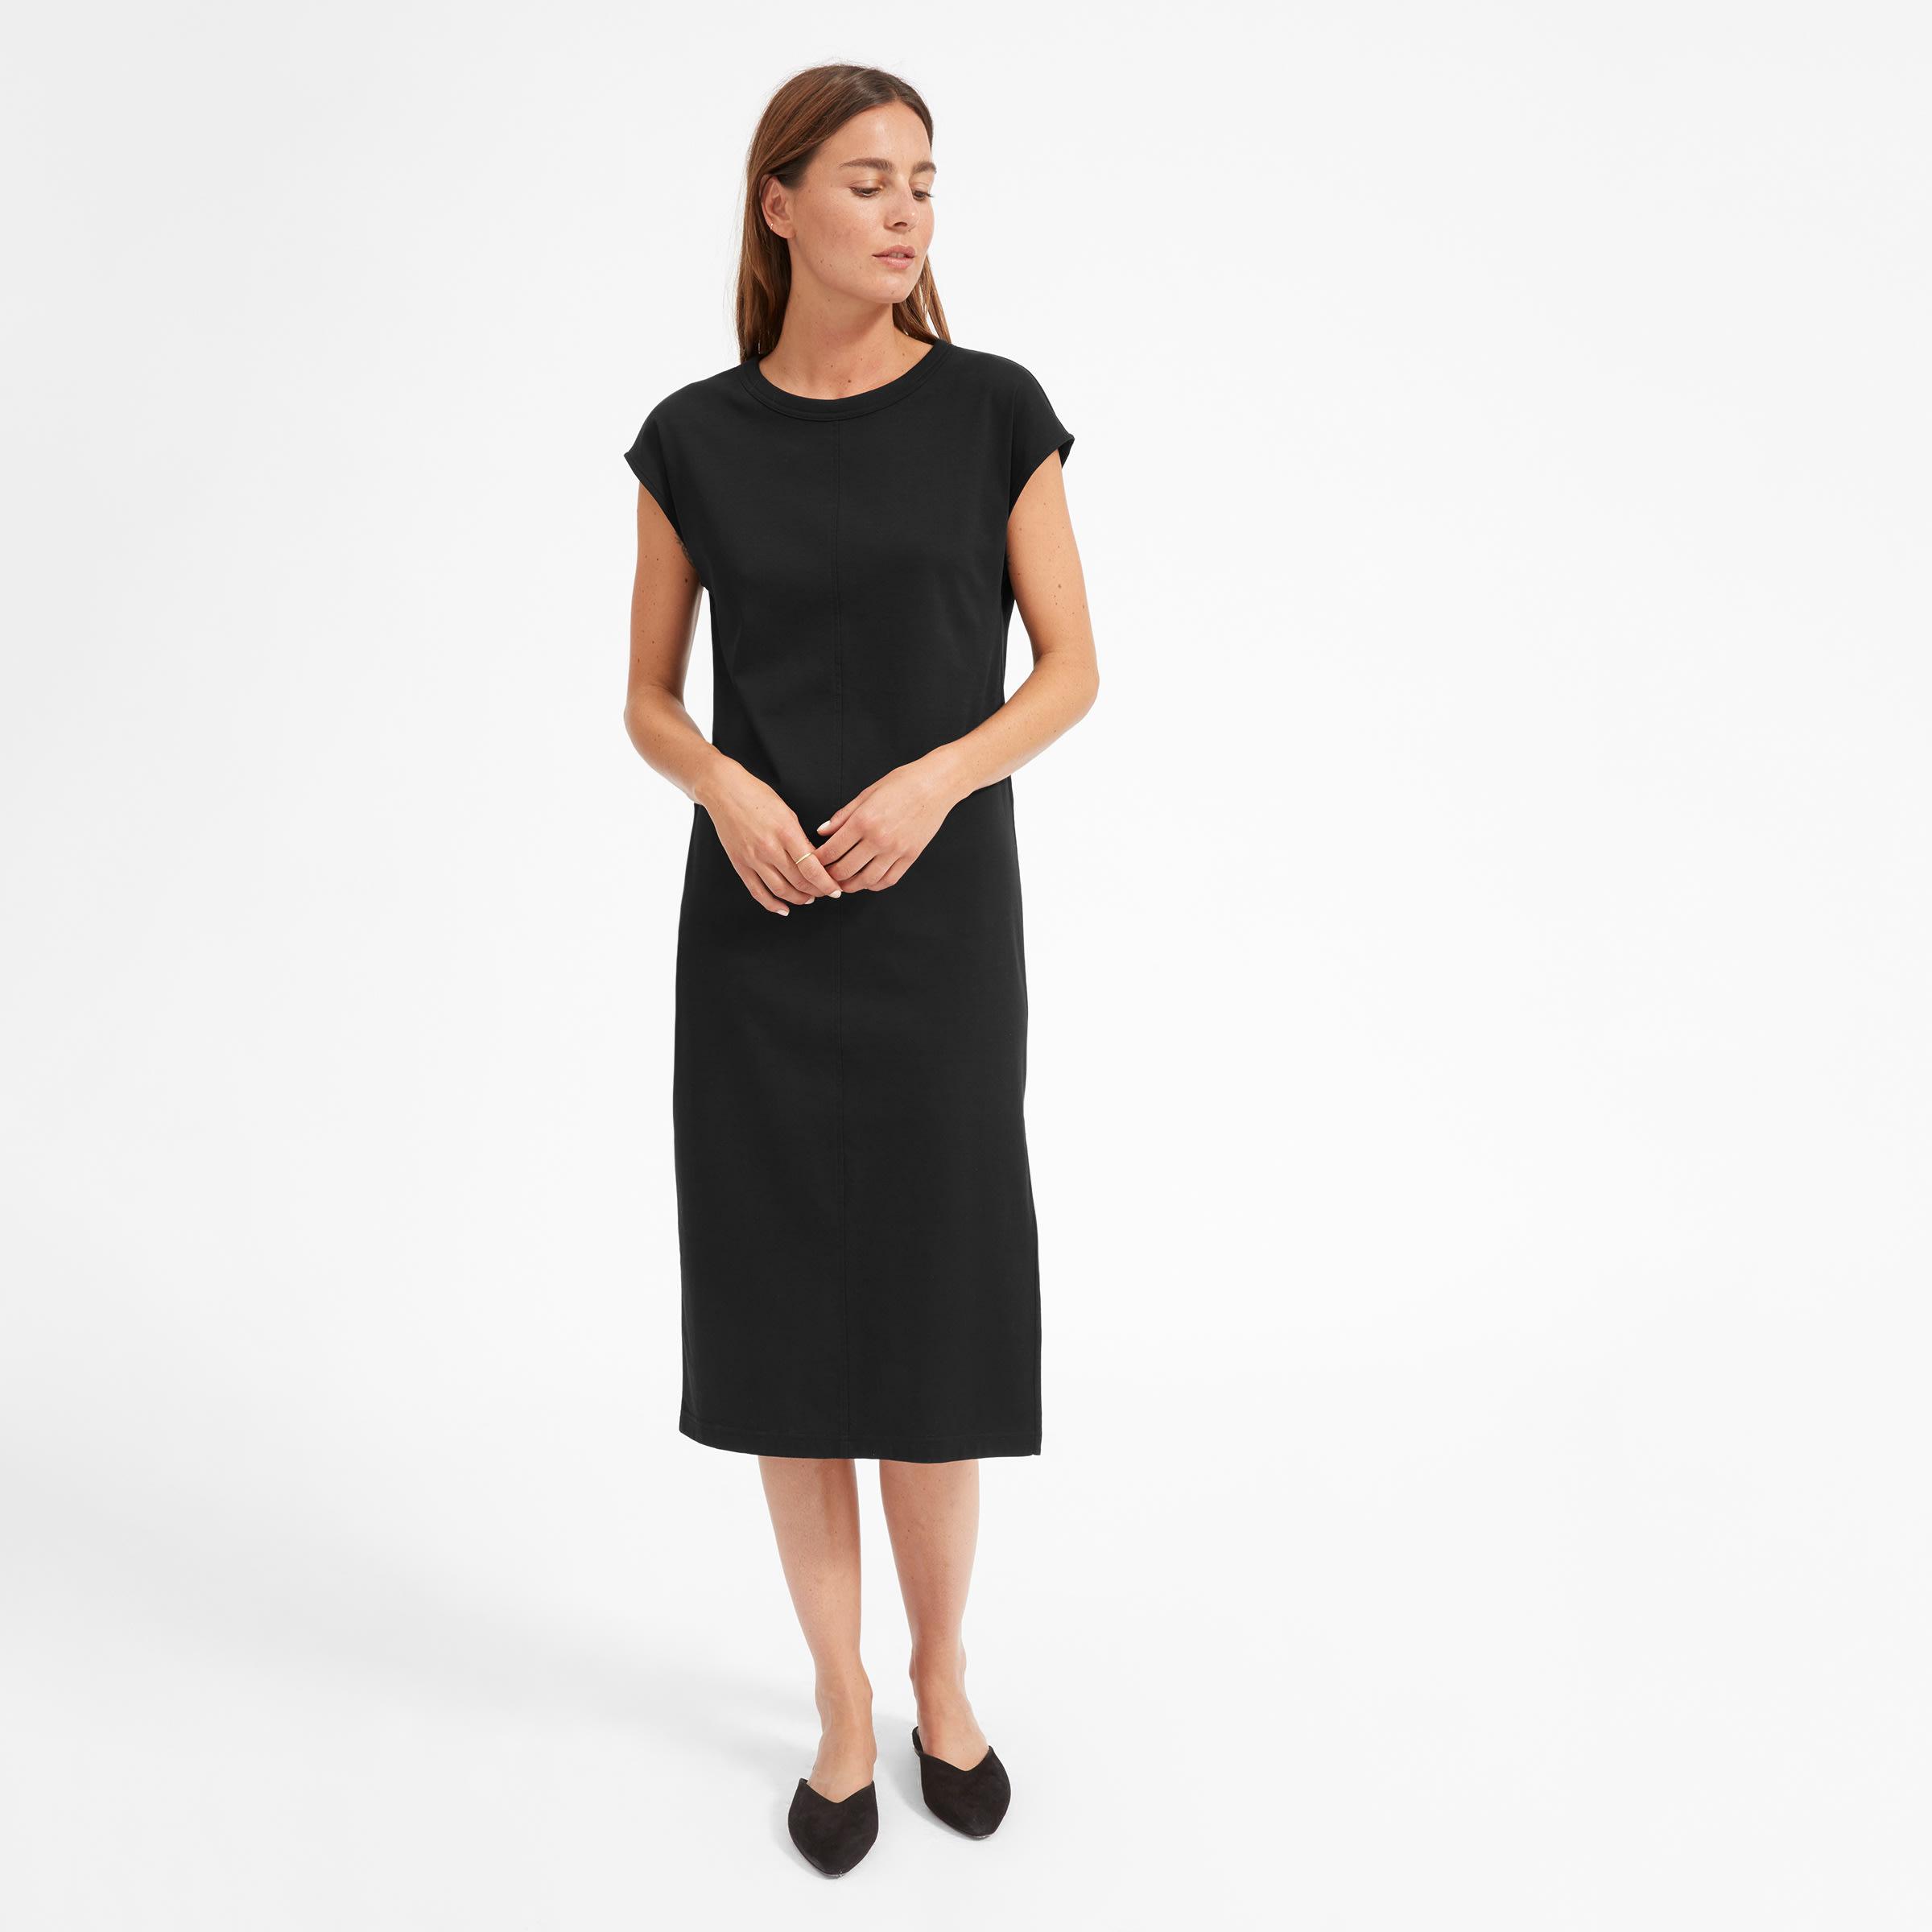 f30fafd206a Women s Luxe Cotton Side-Slit Tee Dress